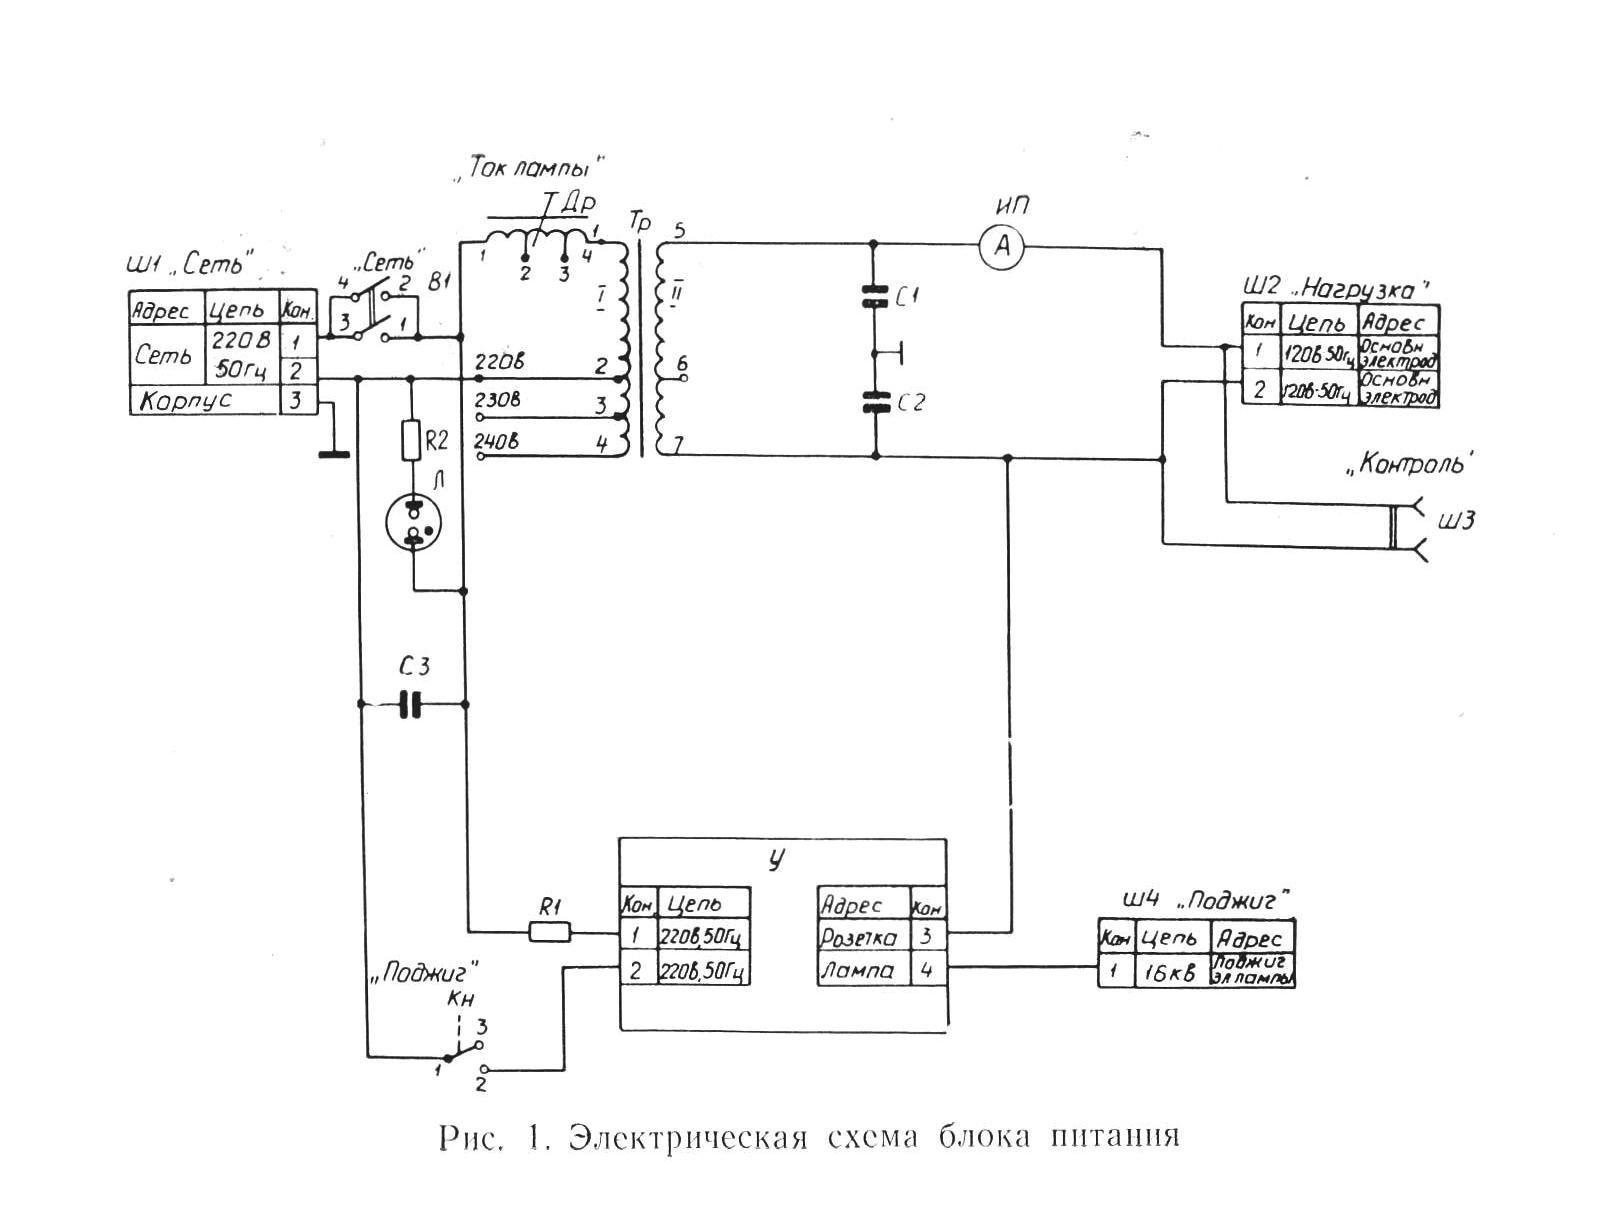 блок питания лампы дрш-250-3 рис. 1